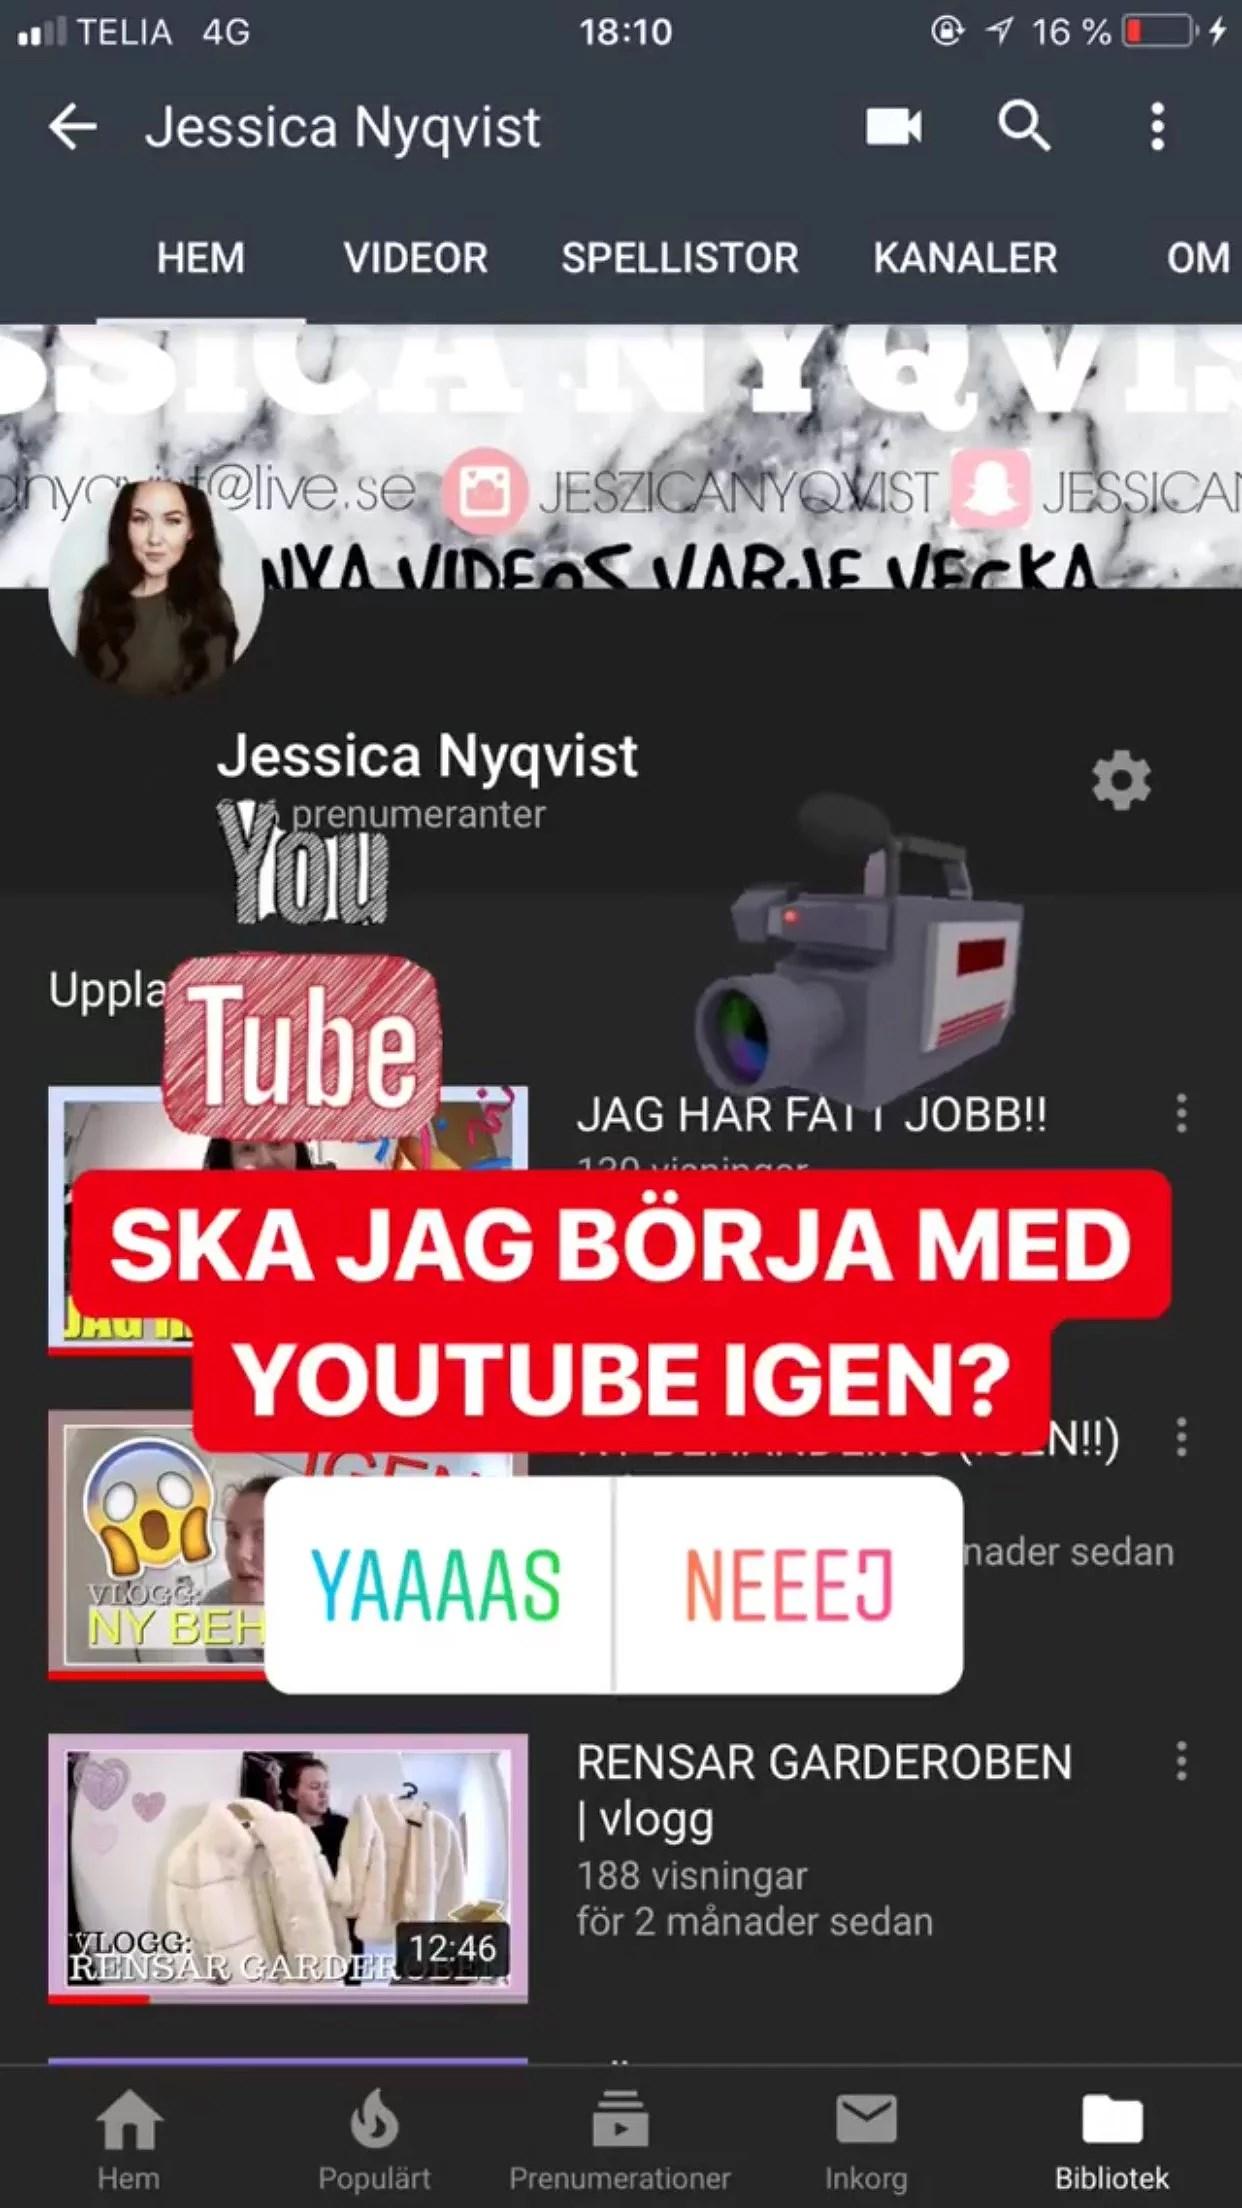 Ska jag börja med youtube igen?